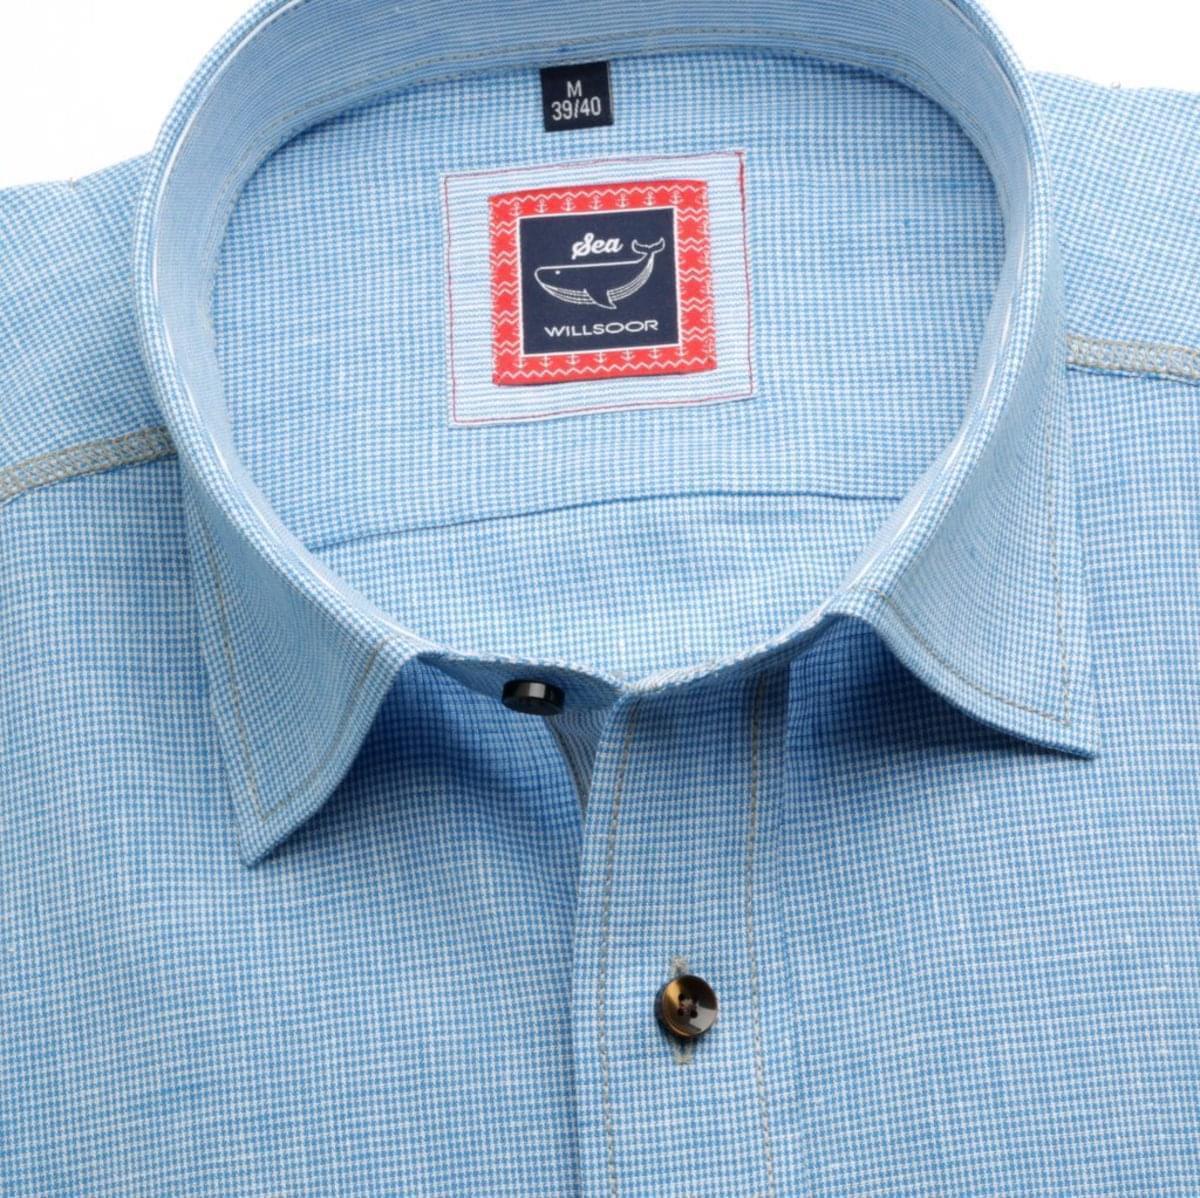 Pánska klasická košeľa (výška 176-182) 6939 v modré farbe s formulou Easy Care 176-182 / XL (43/44)